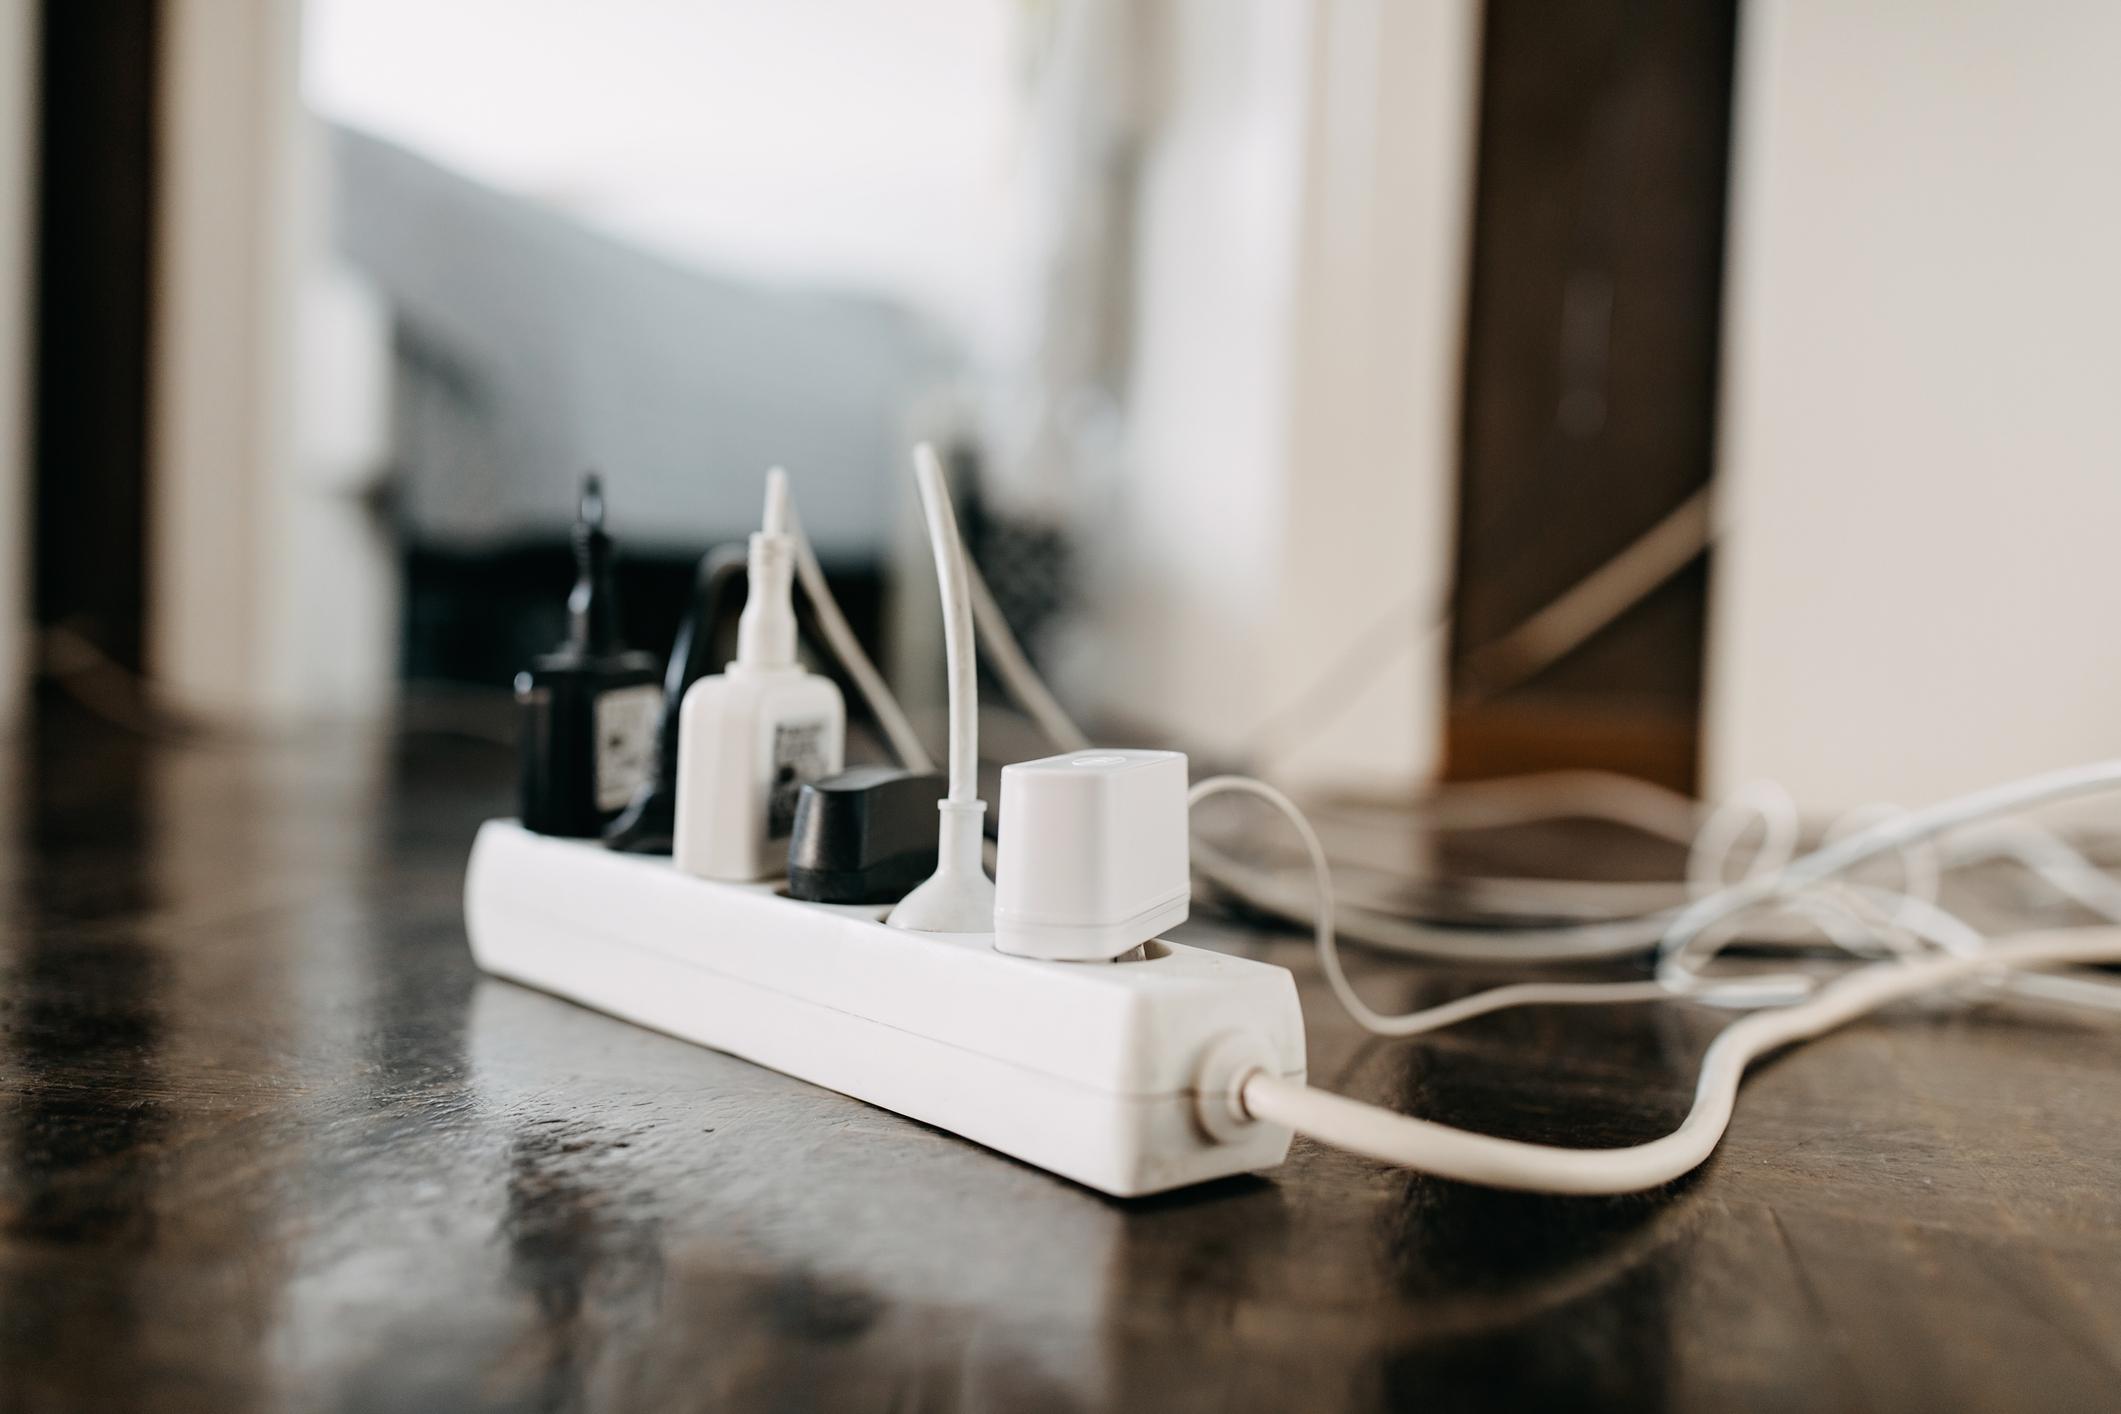 <p>Скрийте кабелите - ще се изненадате колко по-добре ще изглежда домът&nbsp;ви, ако от всеки ъгъл не стърчат и не се вият безкрайни кабели за какво ли не. Можете да ги прикриете с помощта на мебелите в стаята, зад специални лайсни или пък да ги закопчаете с тиксо или друг вид лепенки, за да стоят по-прибрани.</p>